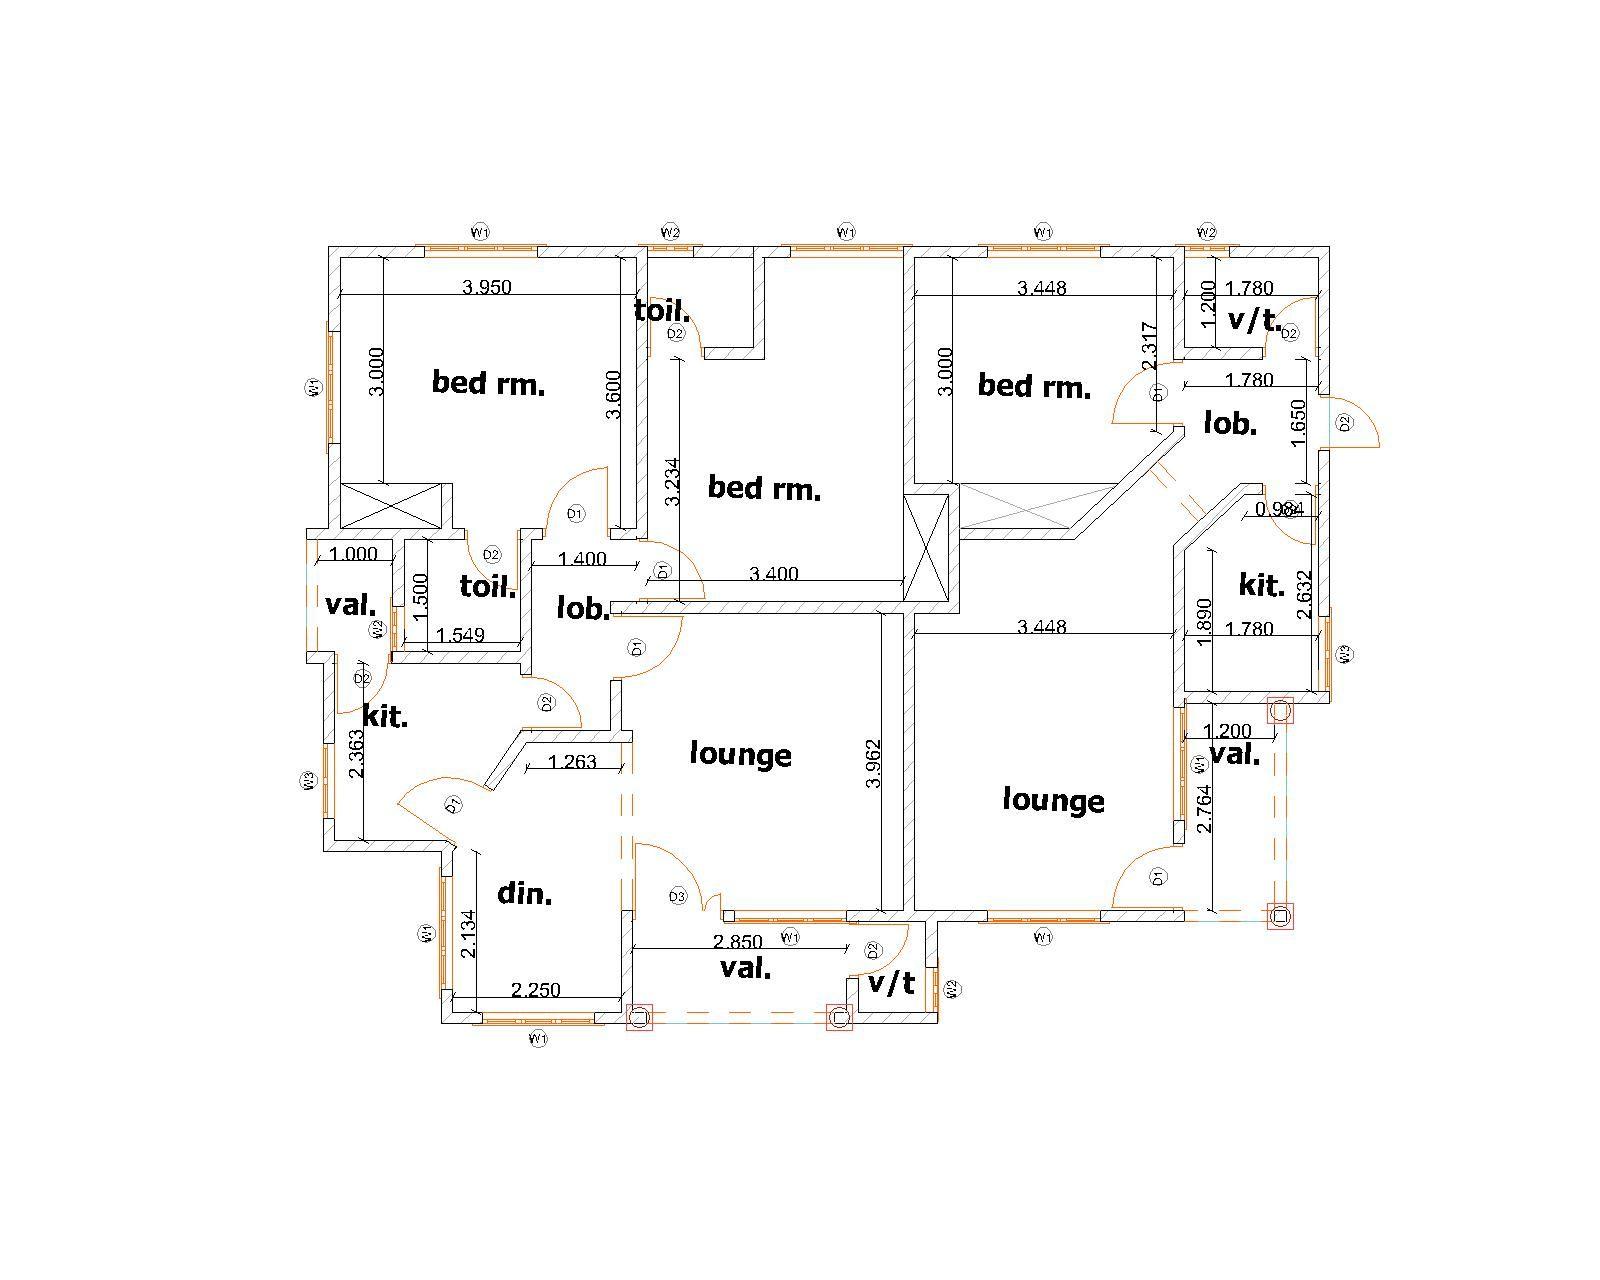 4 Bedroom and 4 Bedroom Apartment  Plan Market  4 bedroom